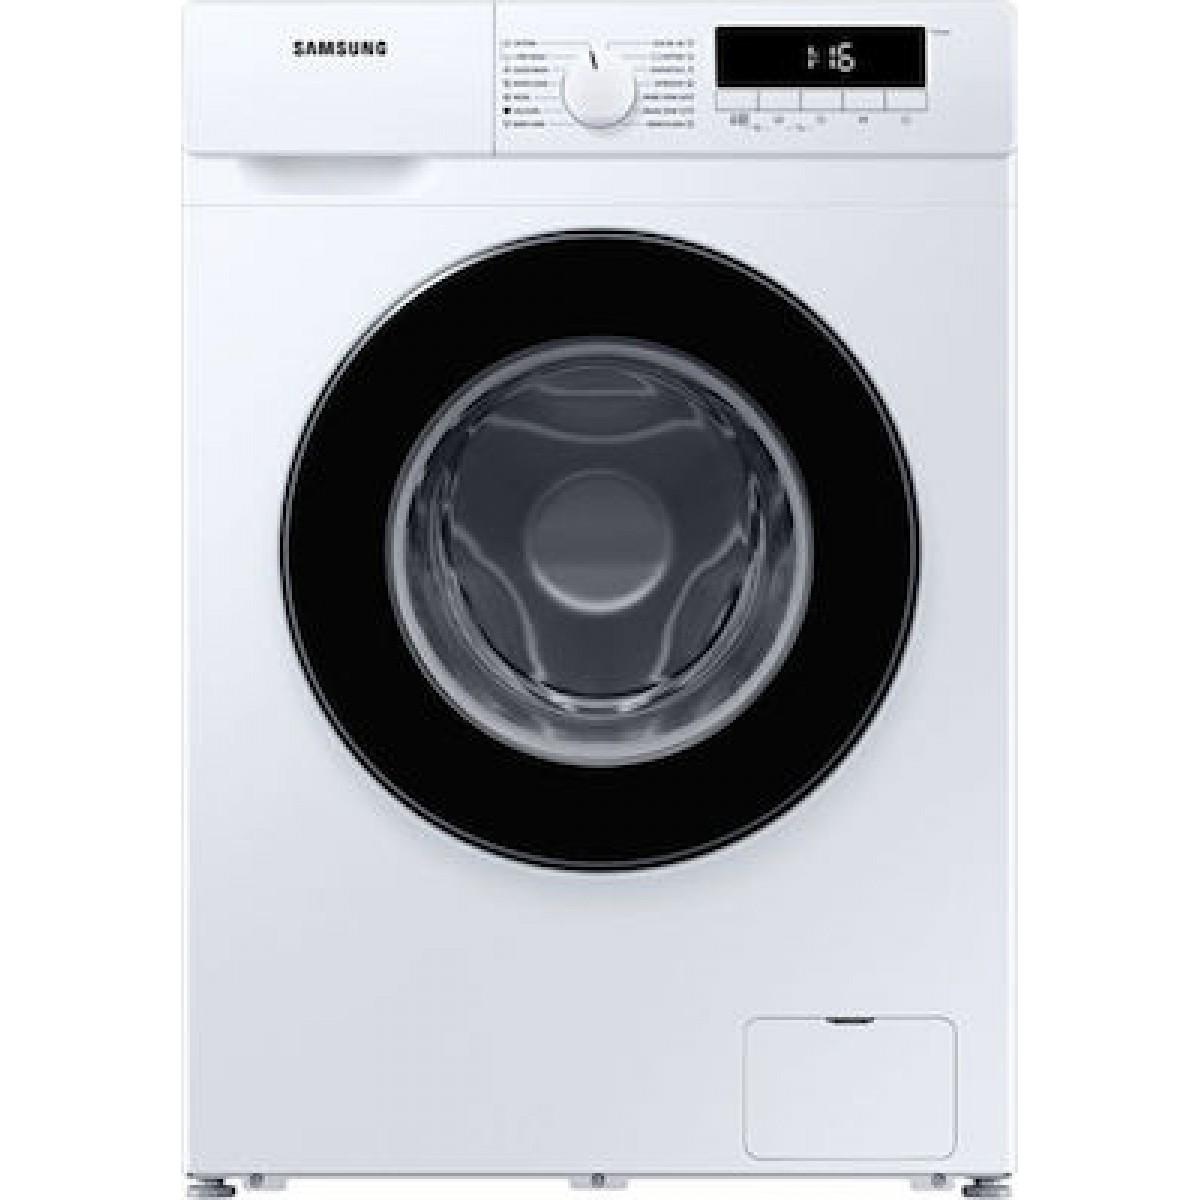 Πλυντήριο Ρούχων Samsung WW80T301MBW 8kg Πλυντήρια ρούχων